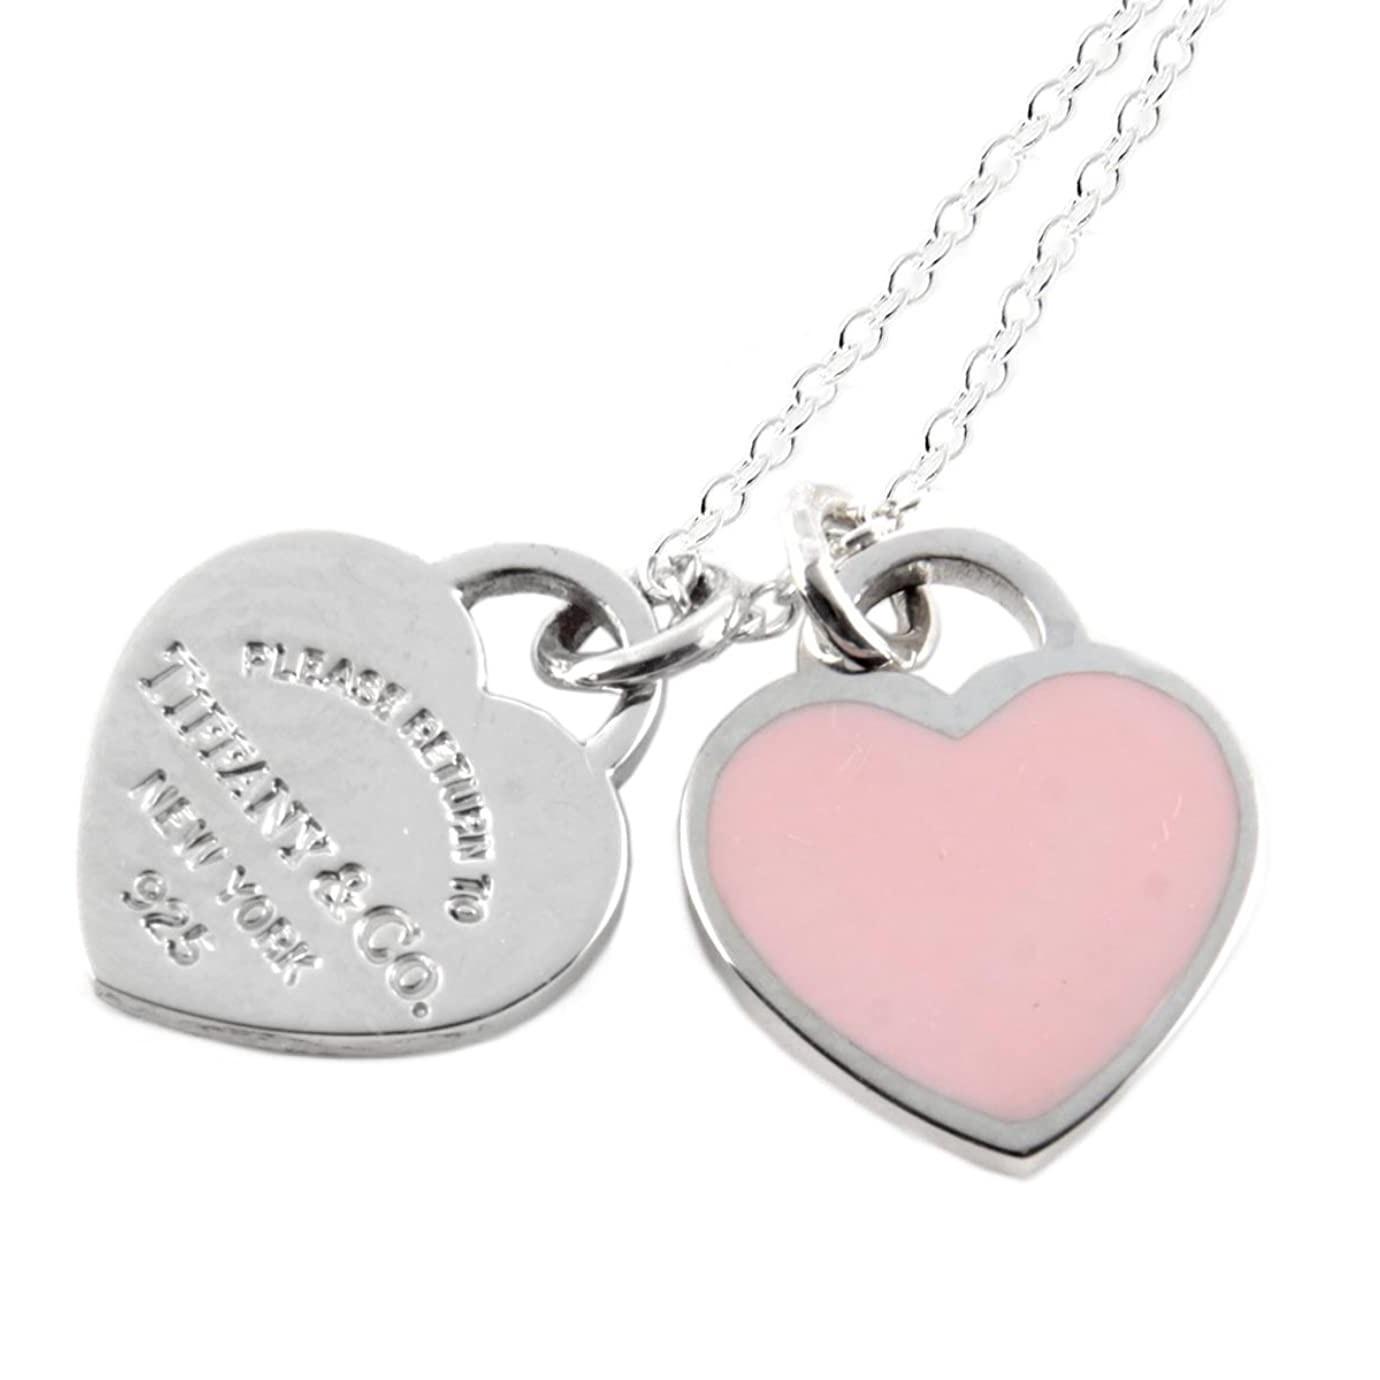 近期好价!Tiffany & Co 蒂芙尼 粉色珐琅双心吊坠项链